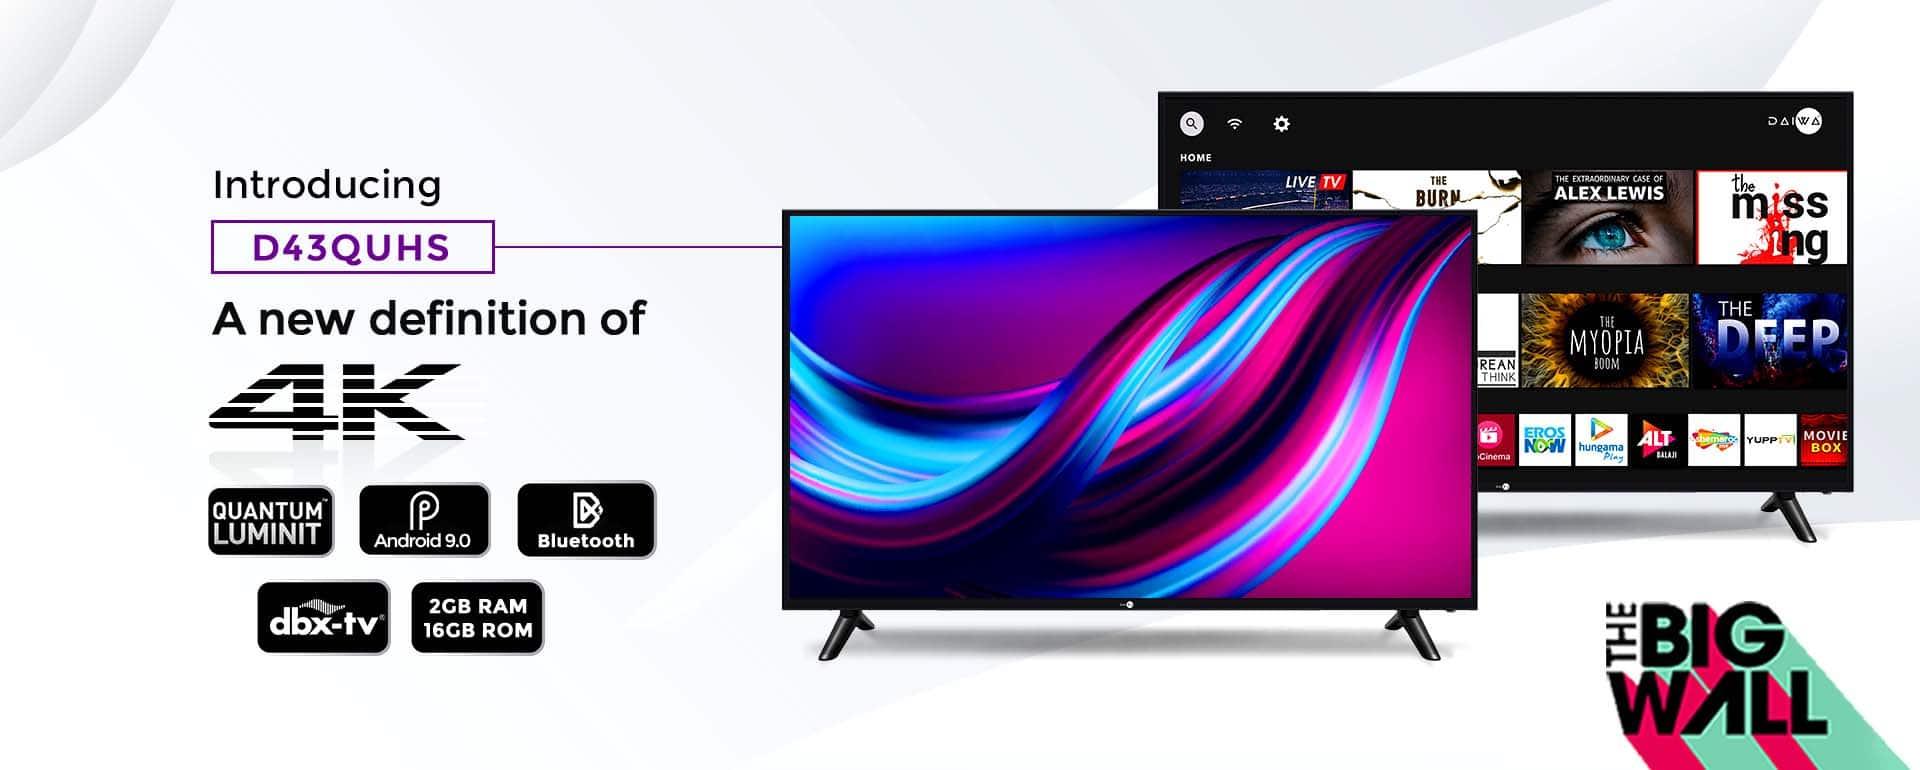 D43QUHS  - 43 Inch 4K Smart LED TV